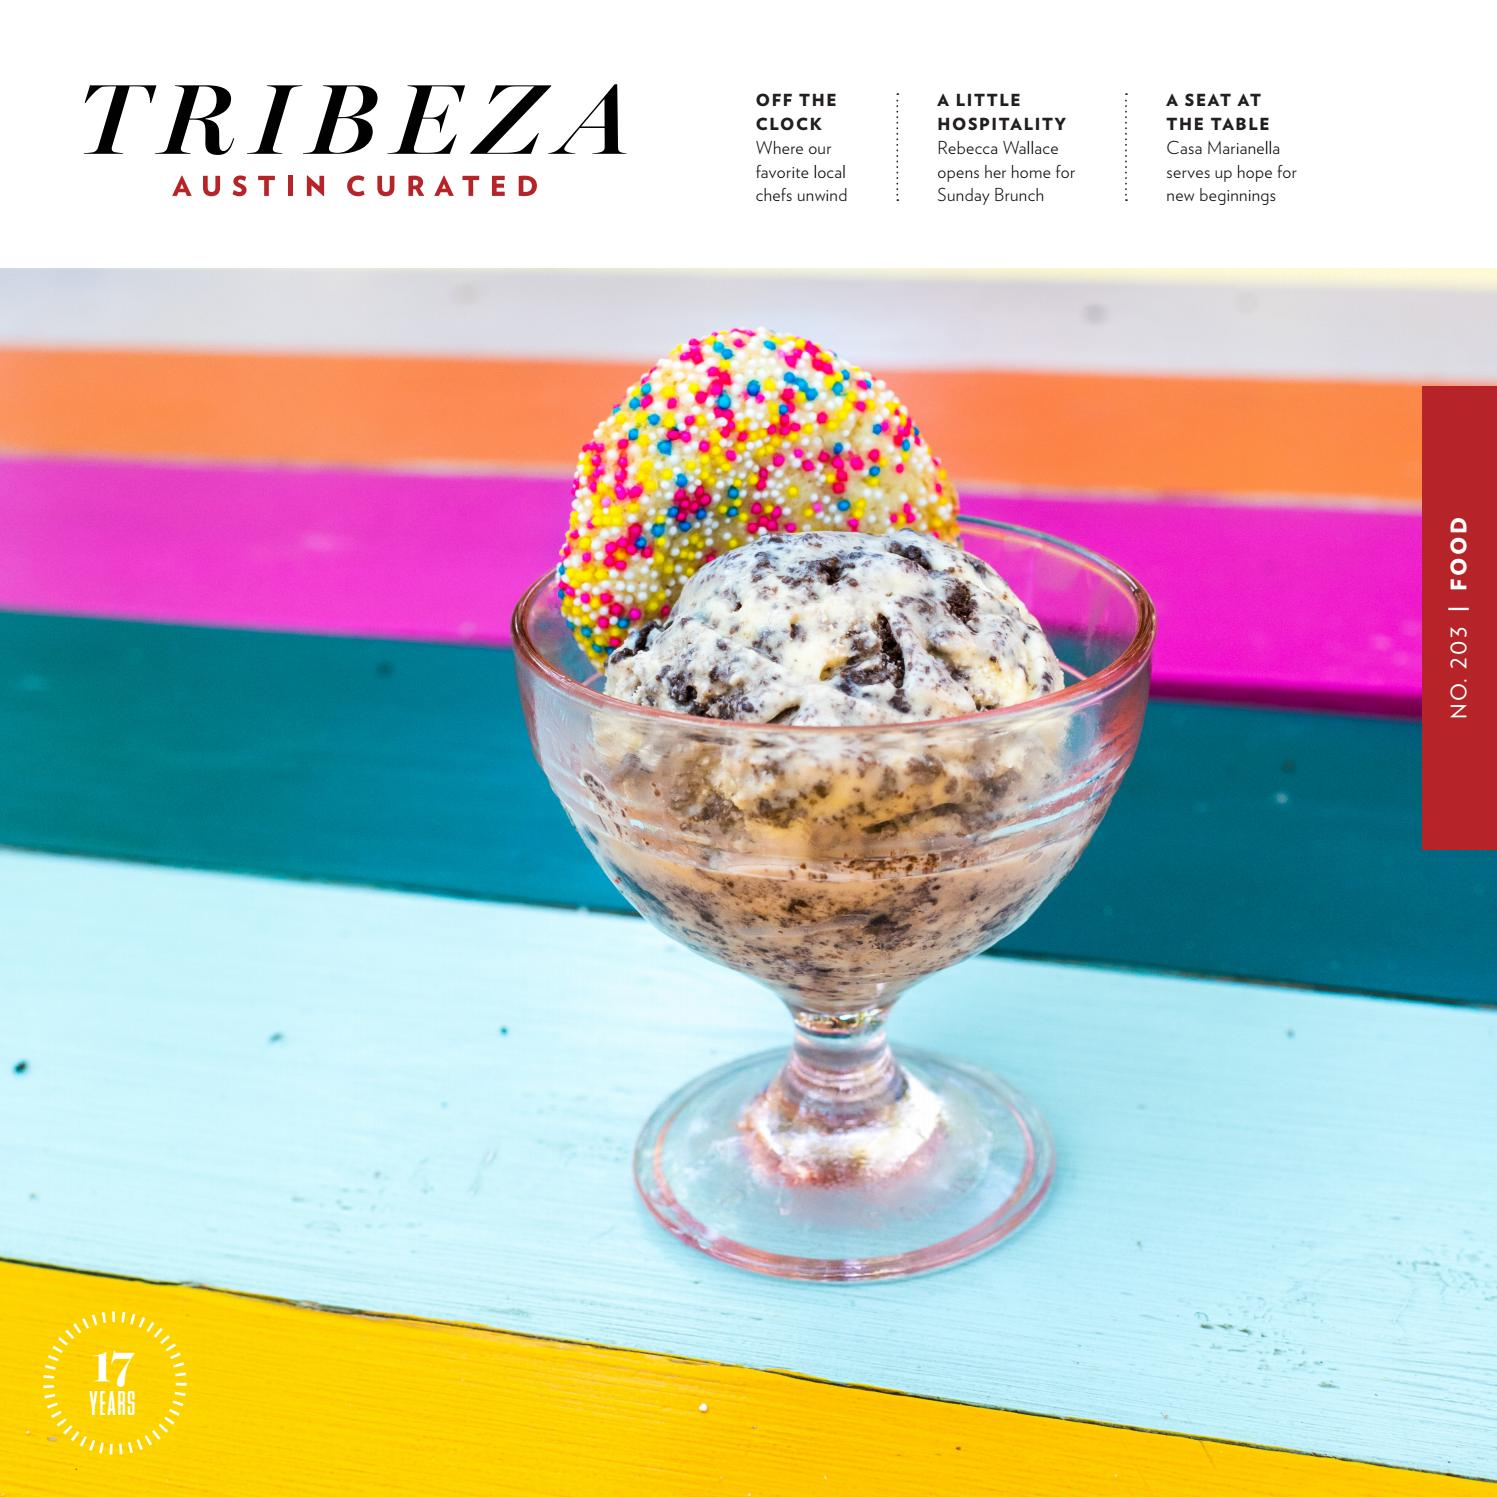 TRIBEZA July 2018 by TRIBEZA Austin Curated - issuu